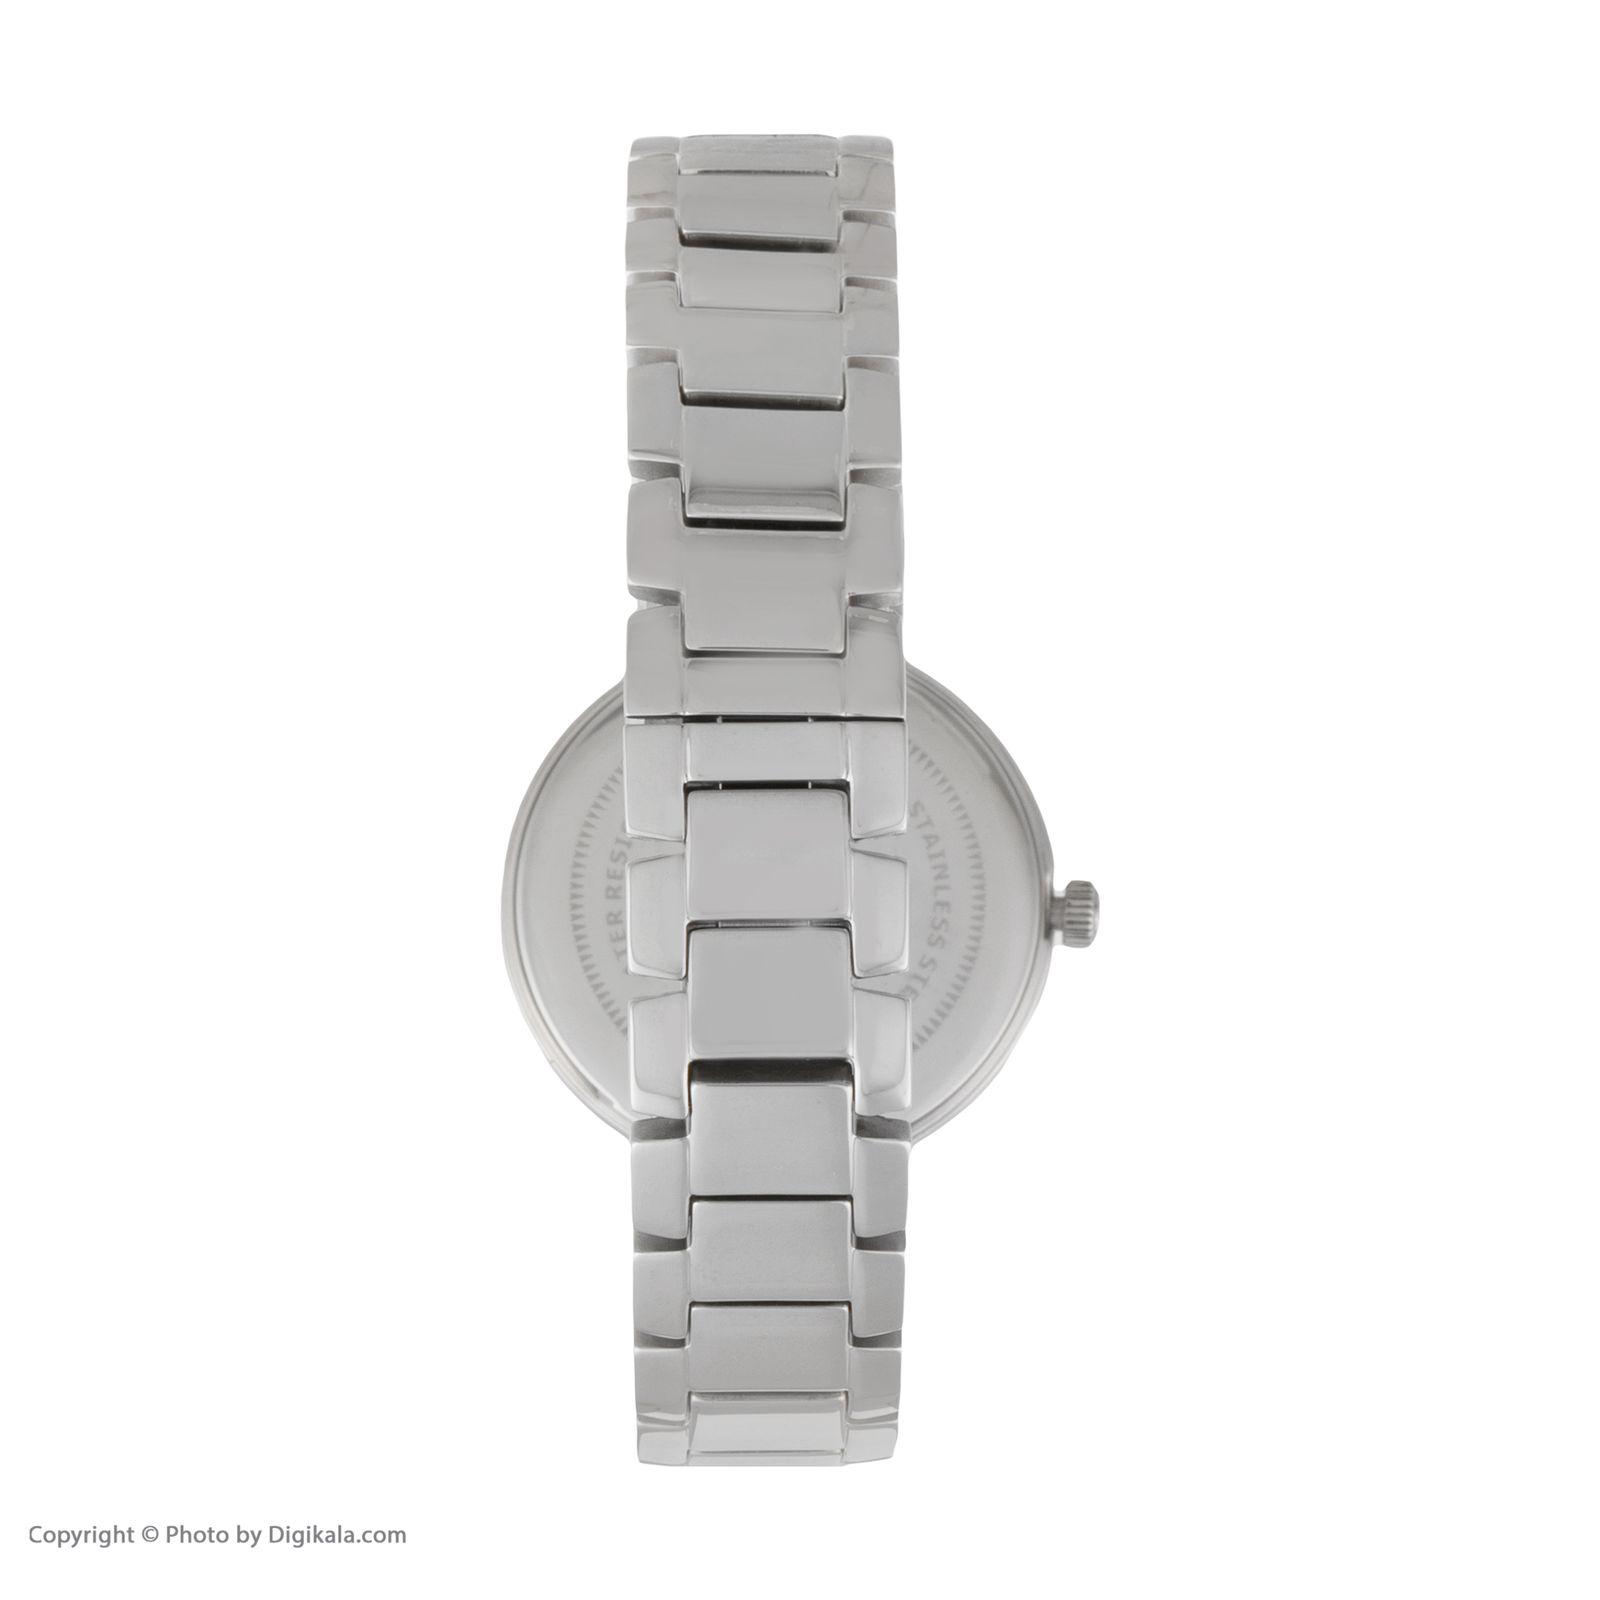 ساعت مچی عقربه ای زنانه کنتیننتال مدل 19601-LT101501 -  - 2